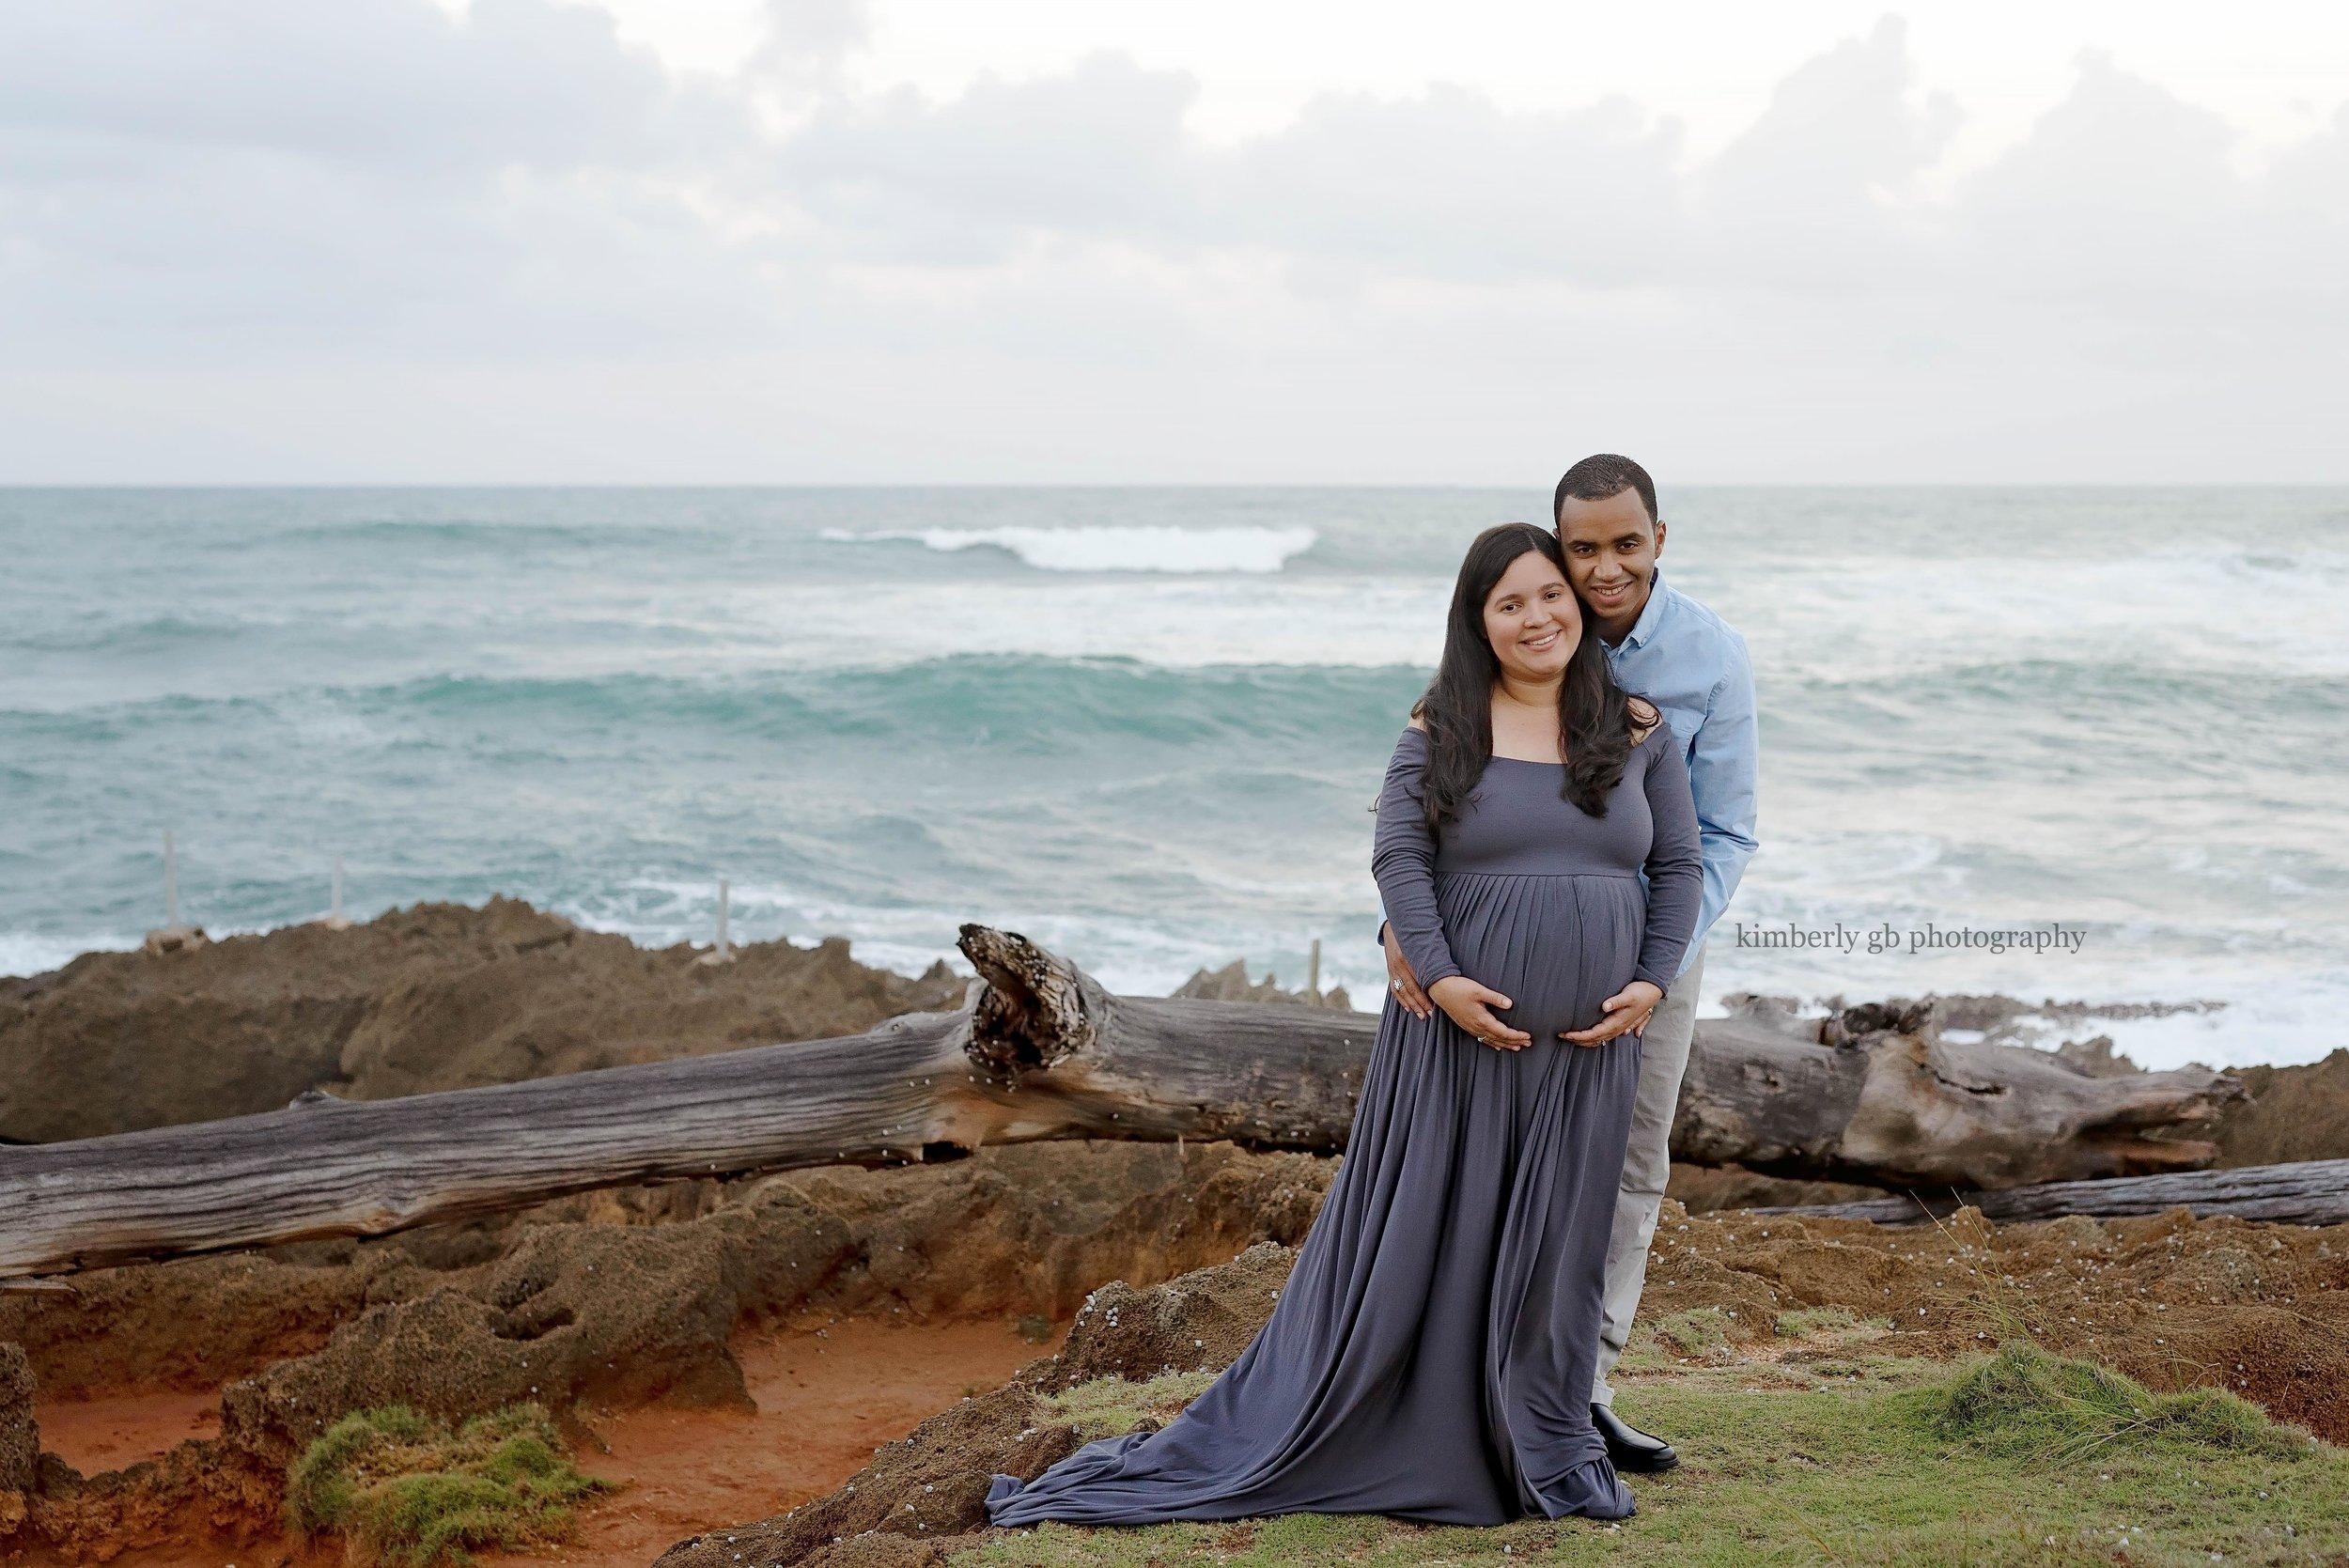 fotografia-fotografa-de-maternidad-embarazo-embarazada-en-puerto-rico-fotografia-161.jpg